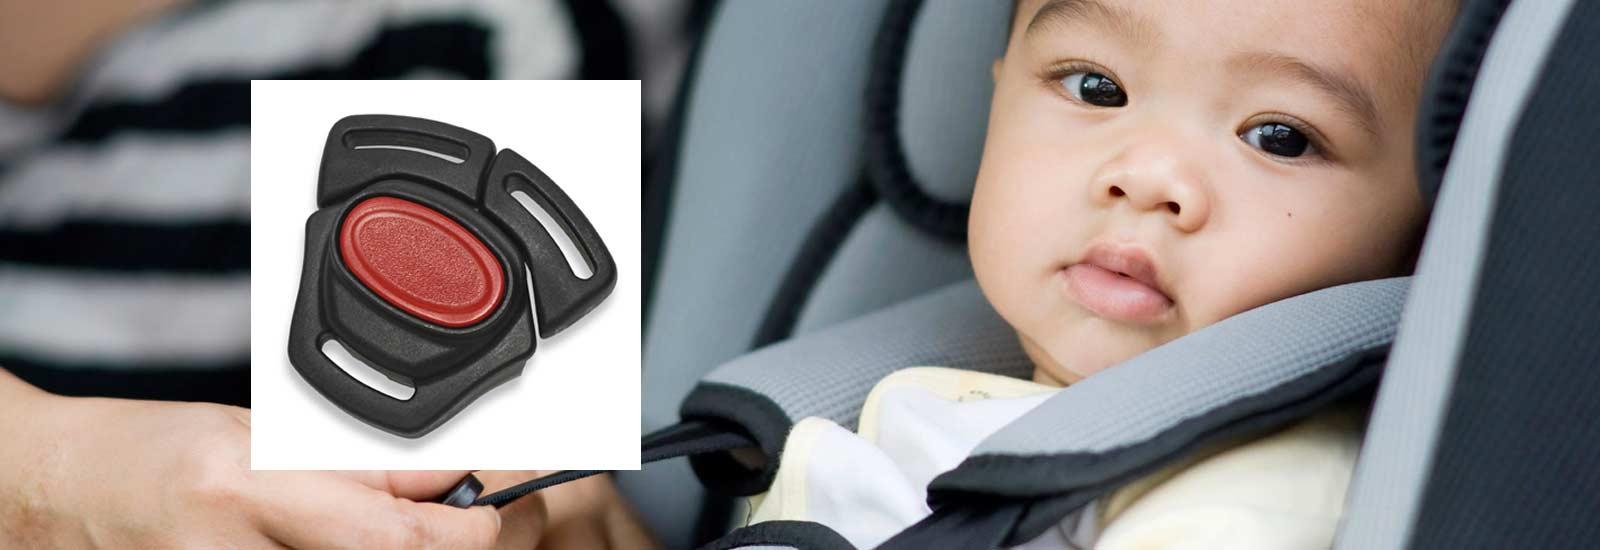 Fibbia plastica sicurezza auto